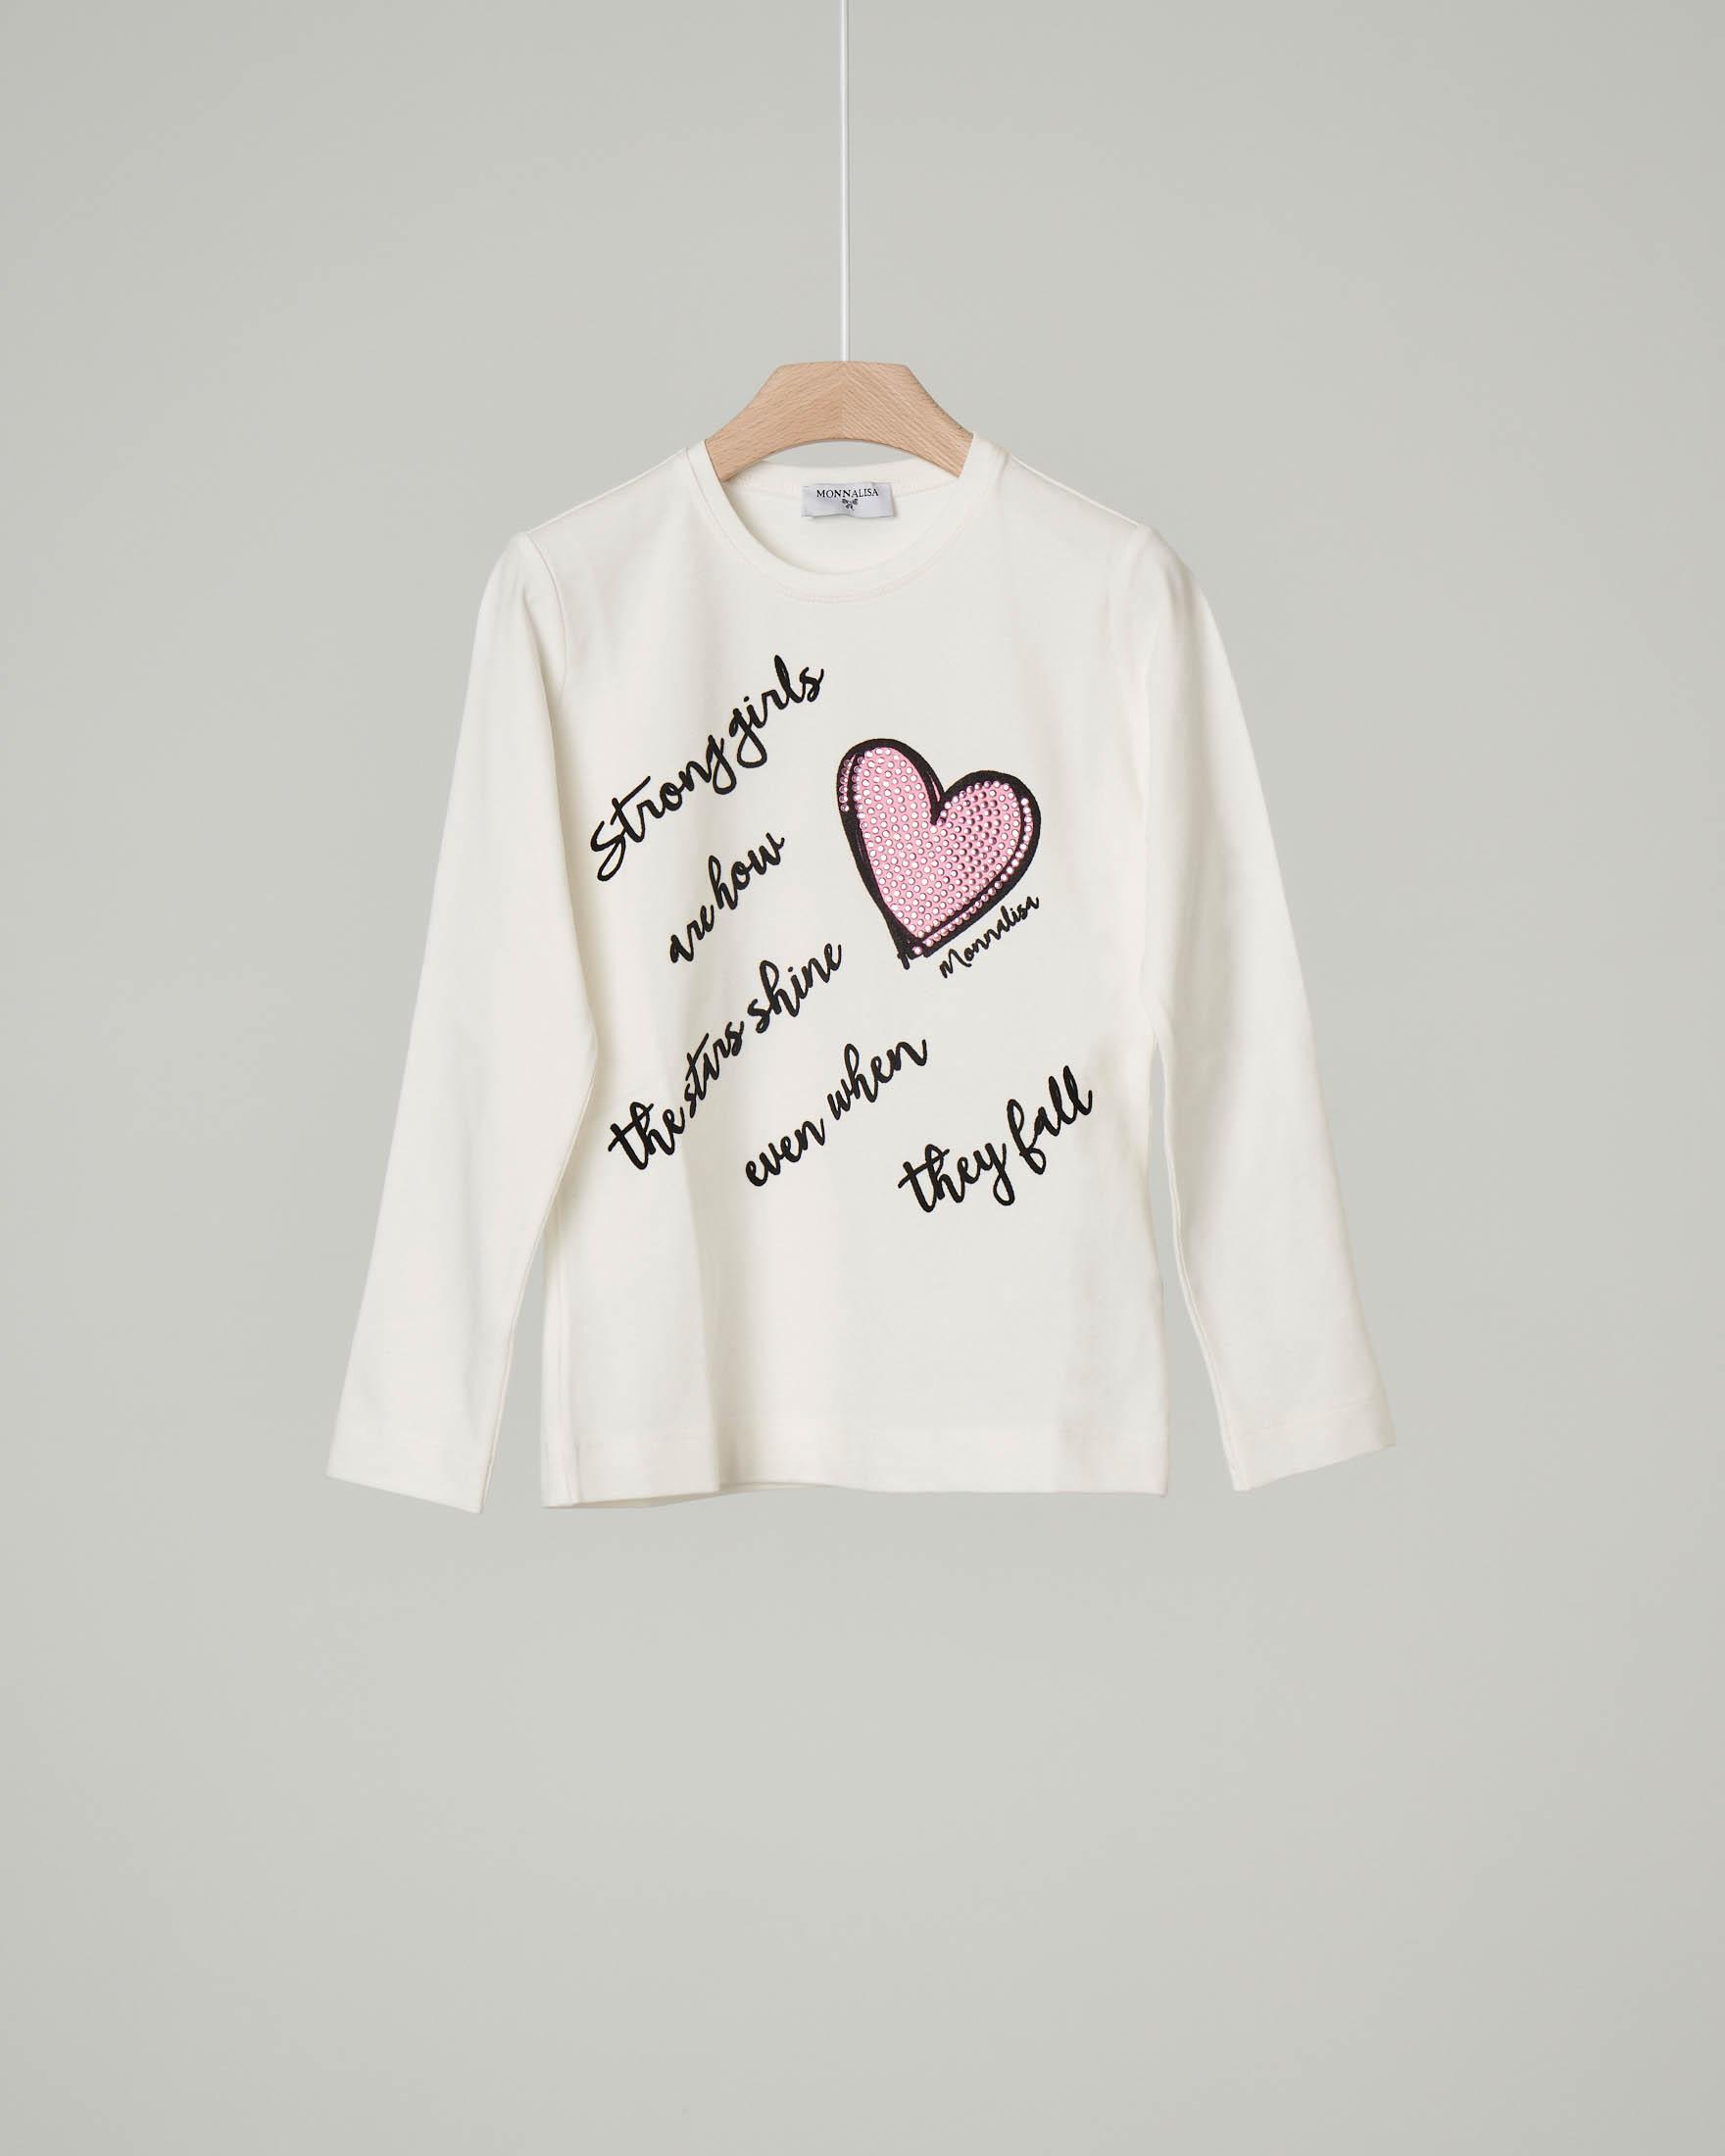 T-shirt bianca manica lunga con scritte in velluto e cuore rosa con strass 6-12 anni